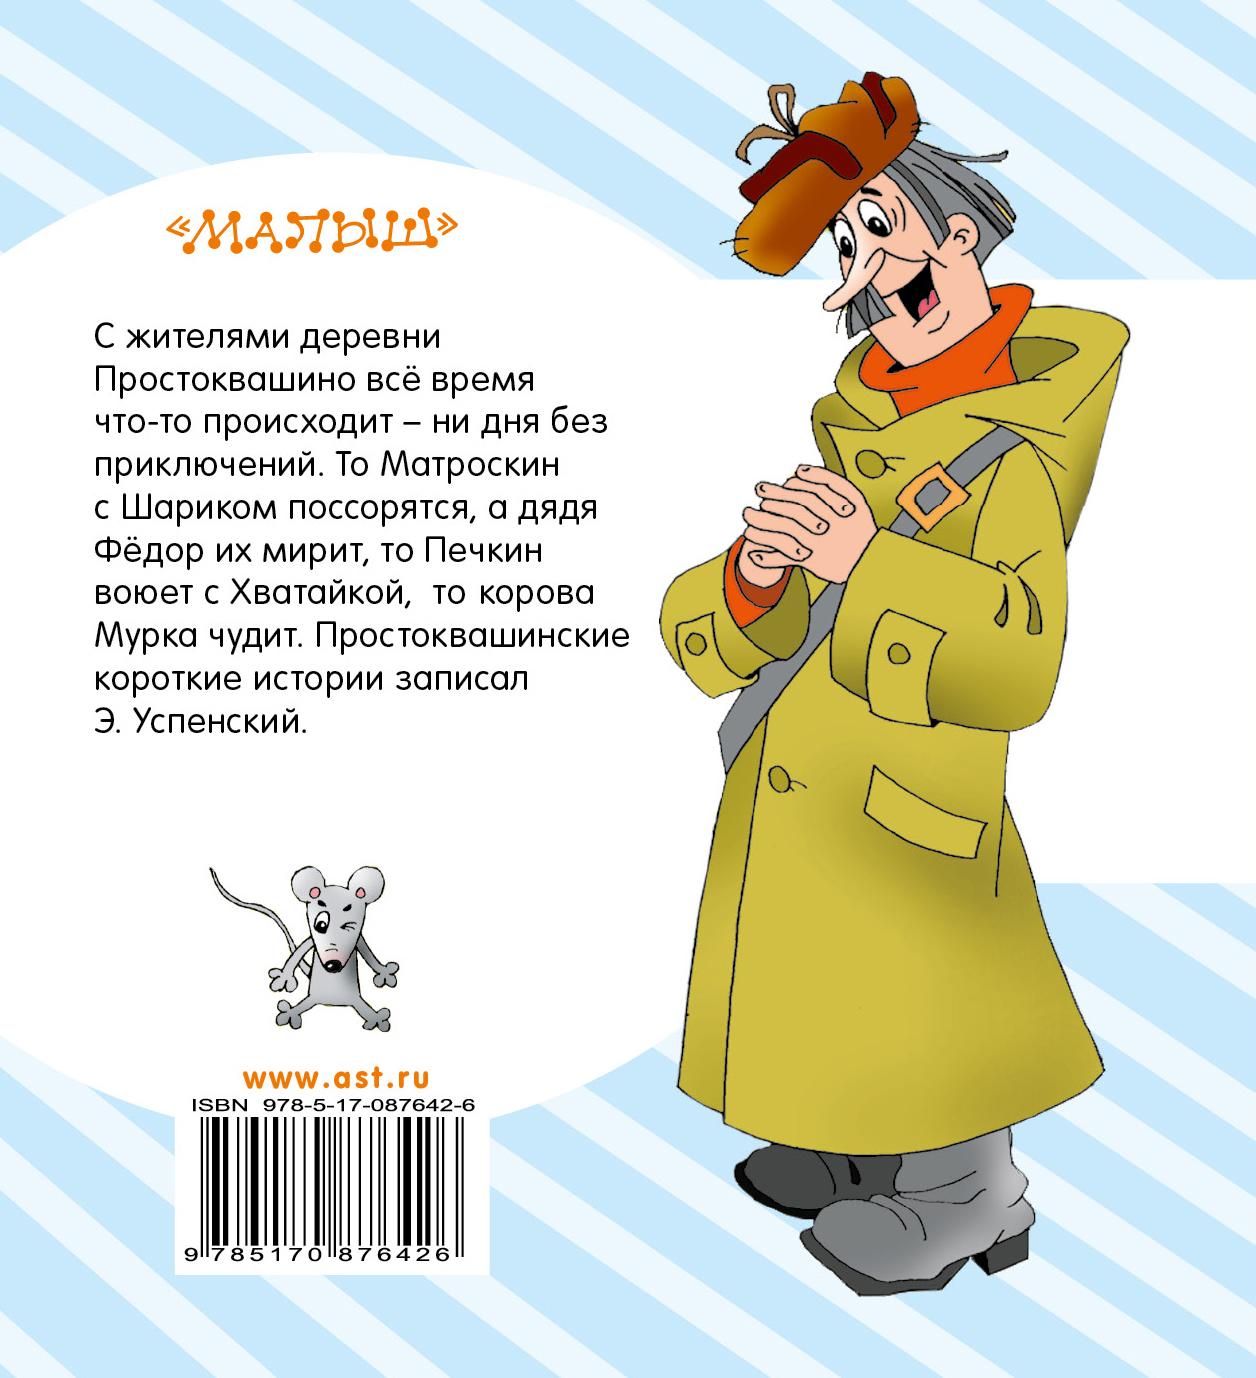 Сценка-поздравление от Почтальона Печкина на юбилей 42